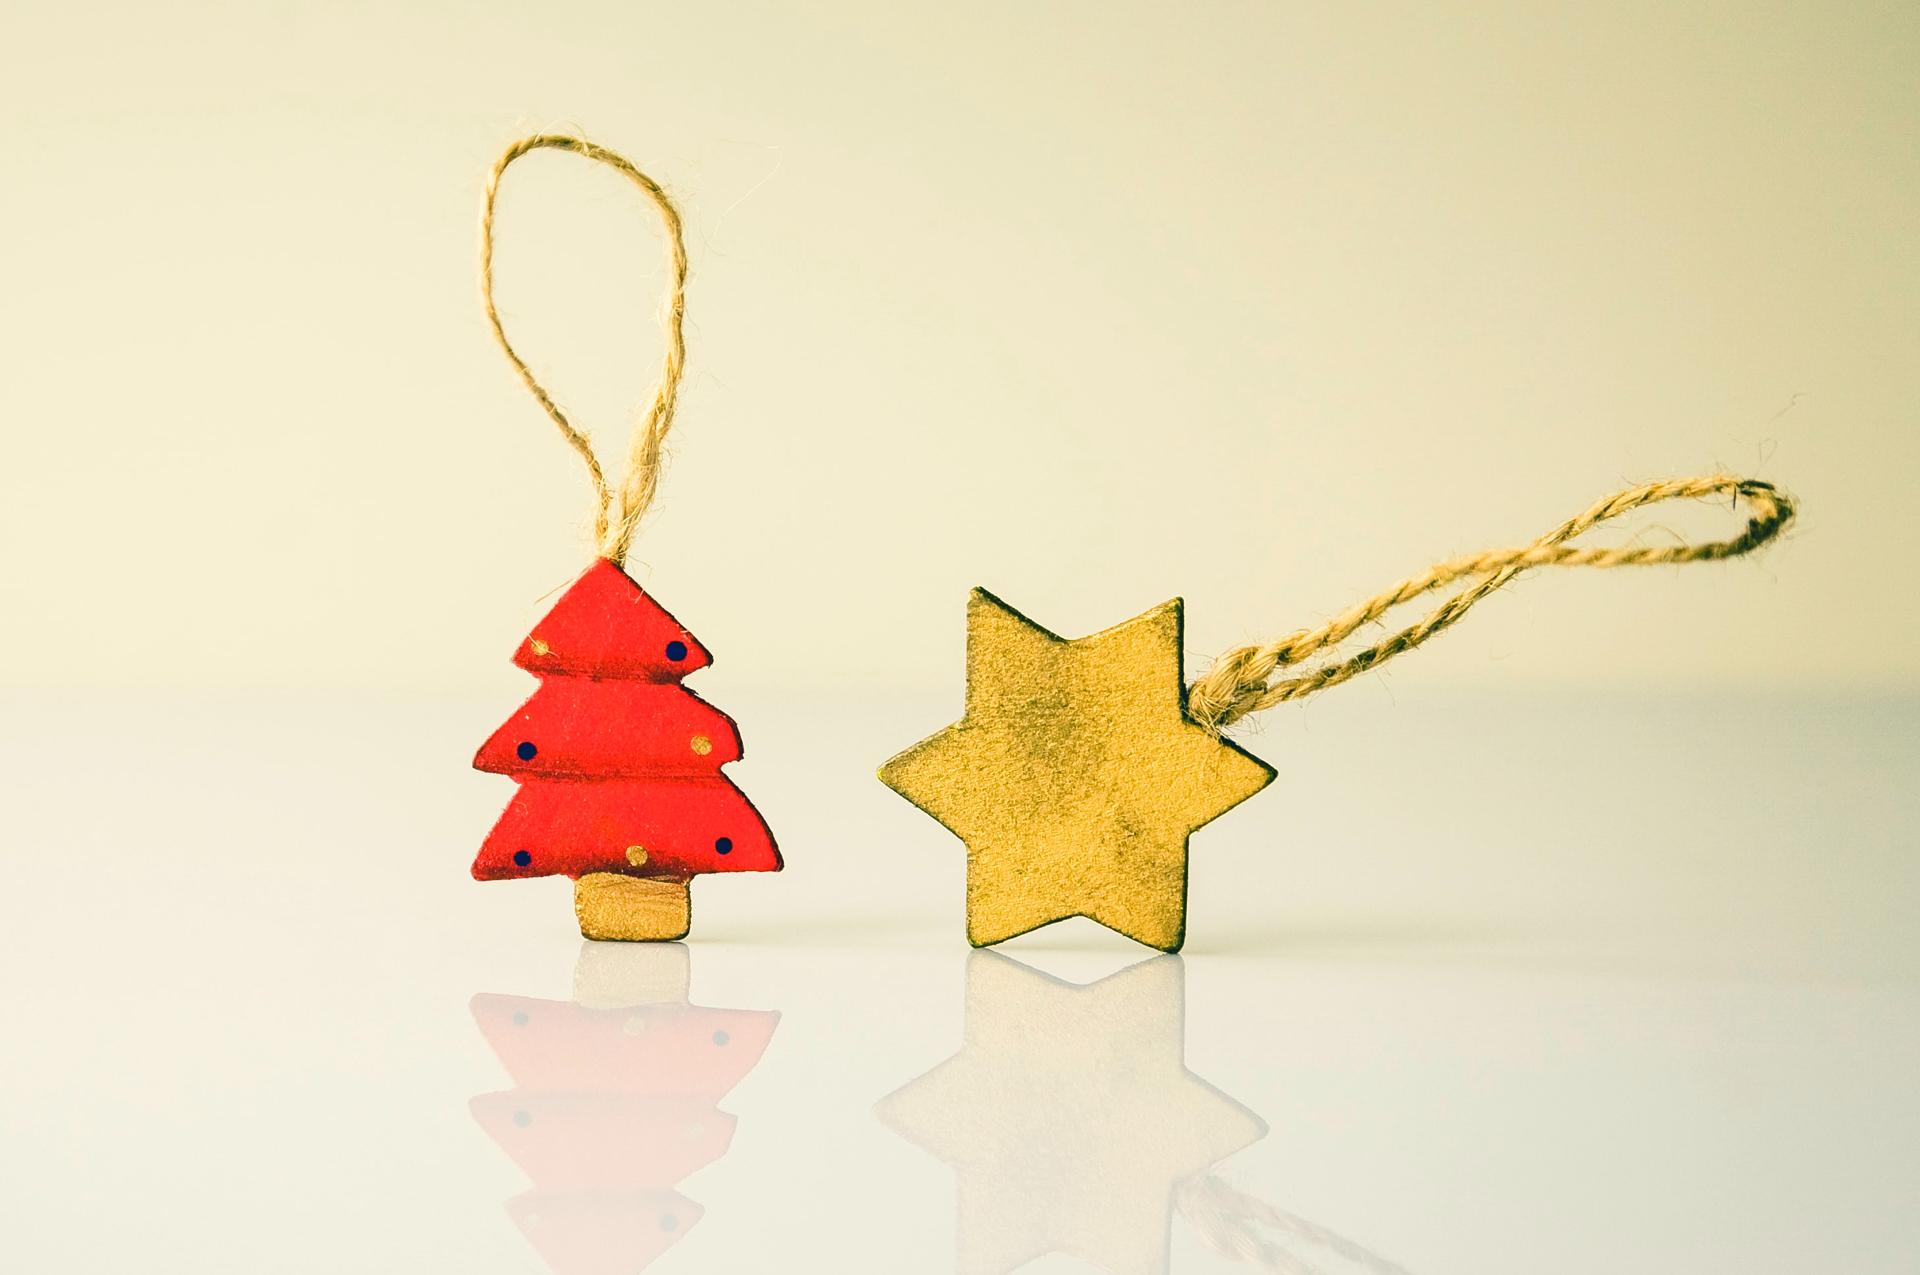 Geef jij een kerstcadeau aan je opdrachtgevers?